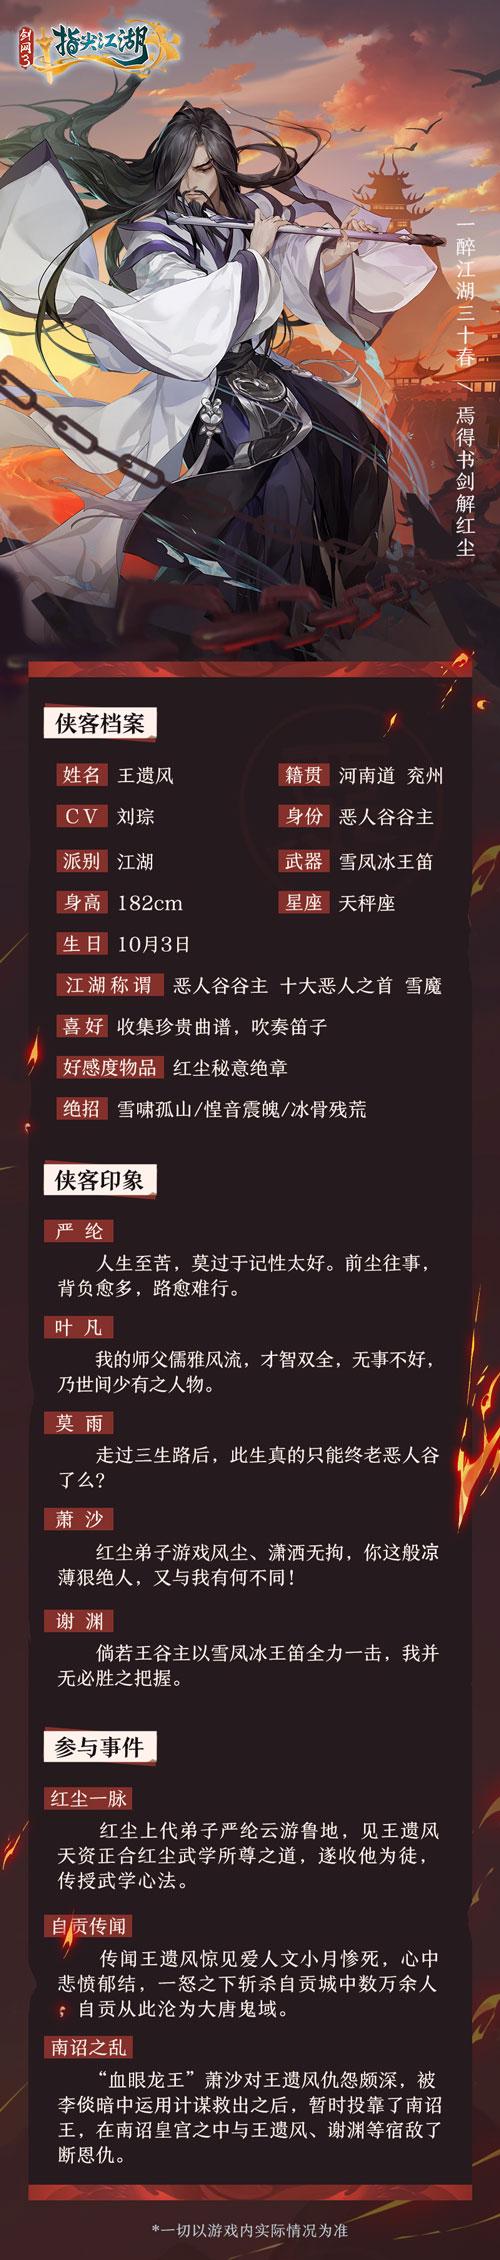 【捕鱼王】《剑网3:指尖江湖》全新侠客曝光!谢渊王遗风你pick谁?